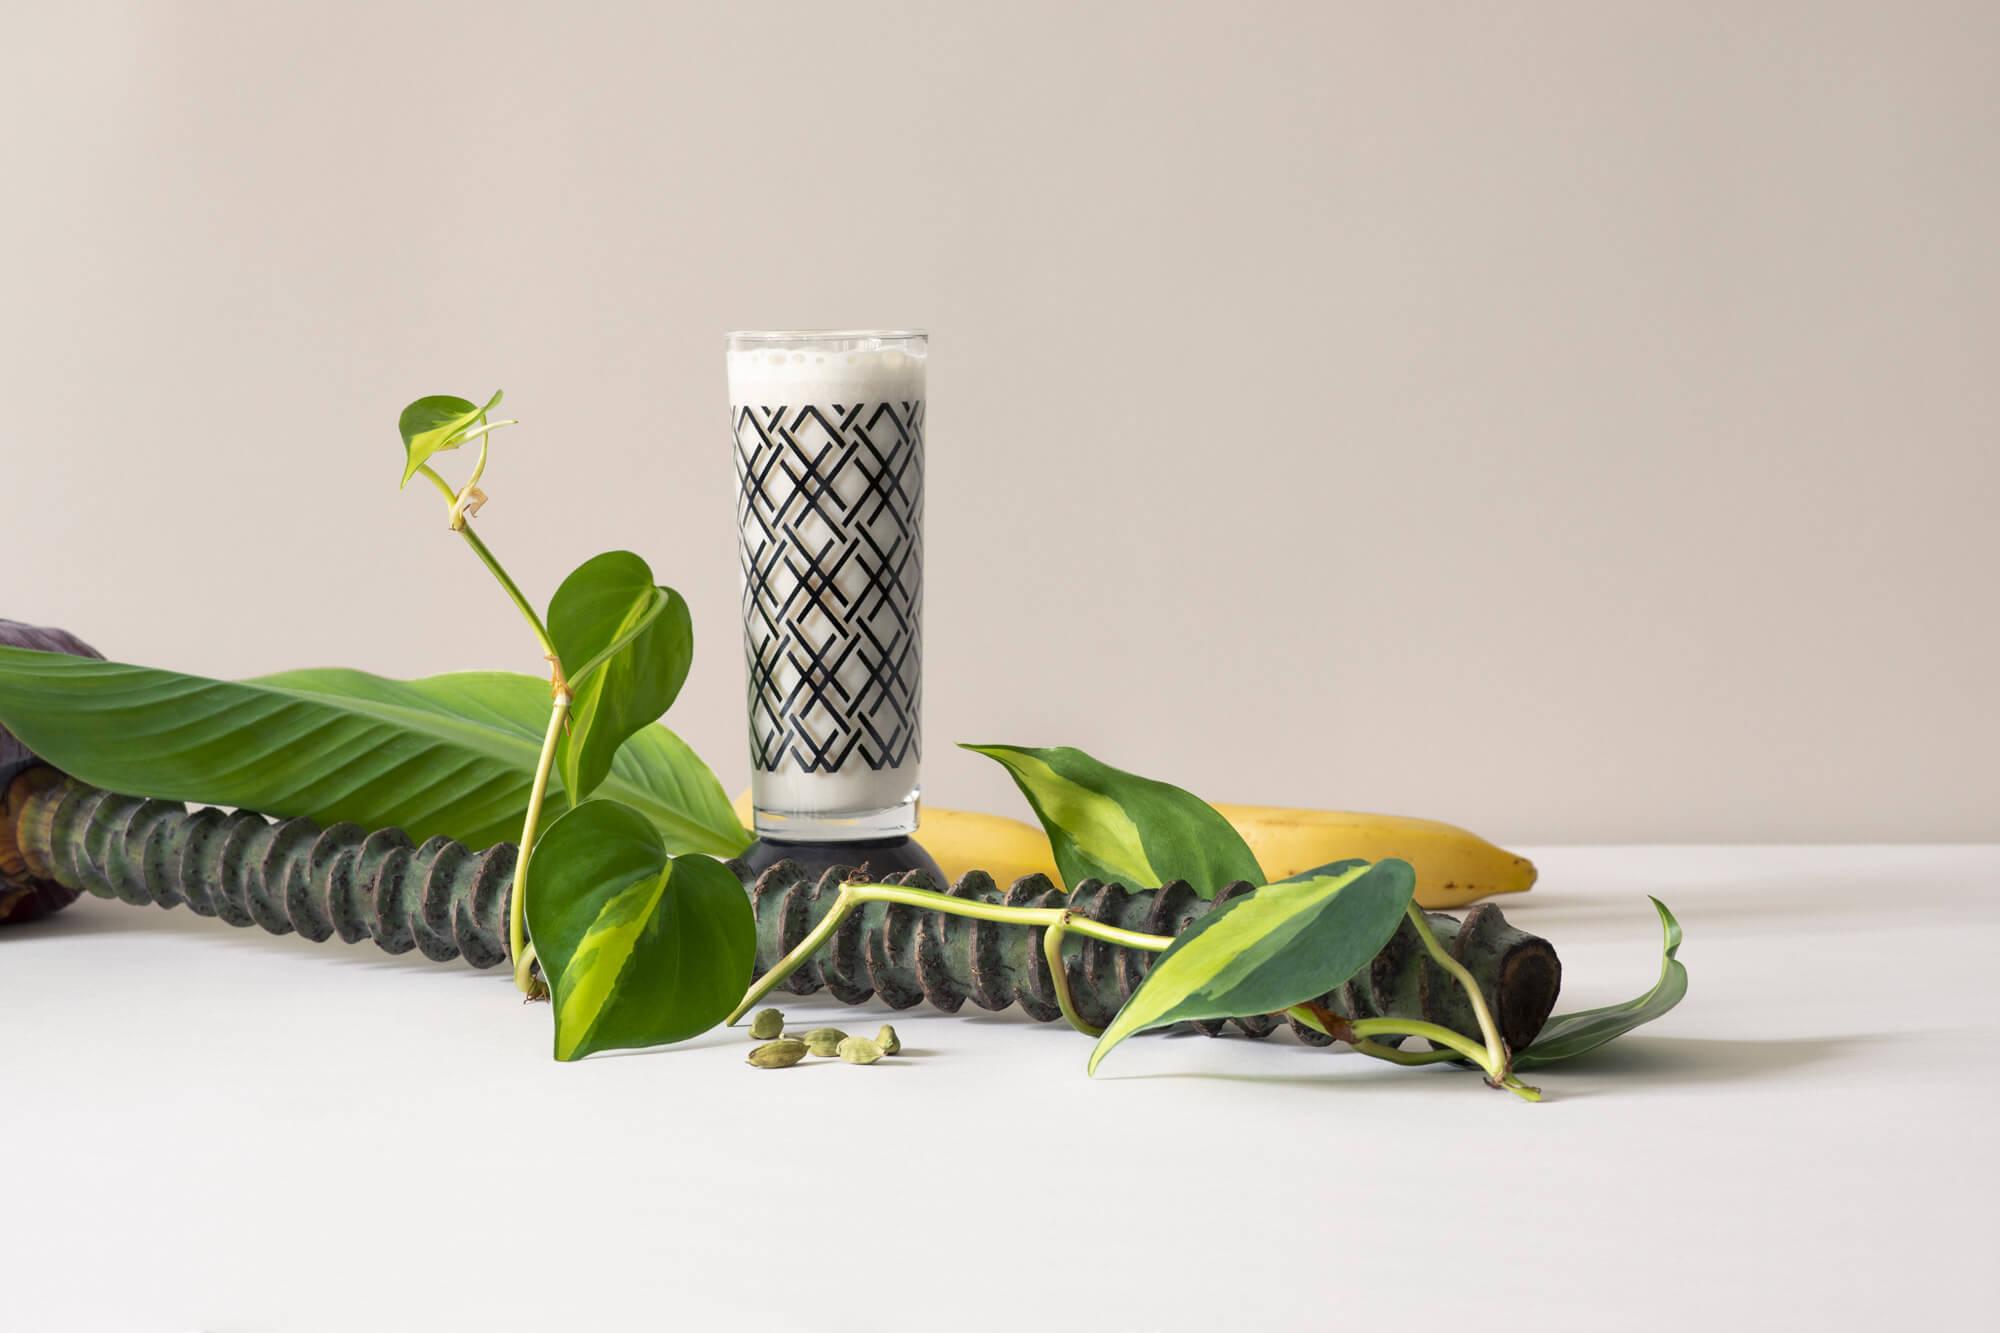 photographie culinaire autour du lait infusé banane-cardamome, composition minimaliste et direction artistique par le studio Ich&Kar pour la milkfactory